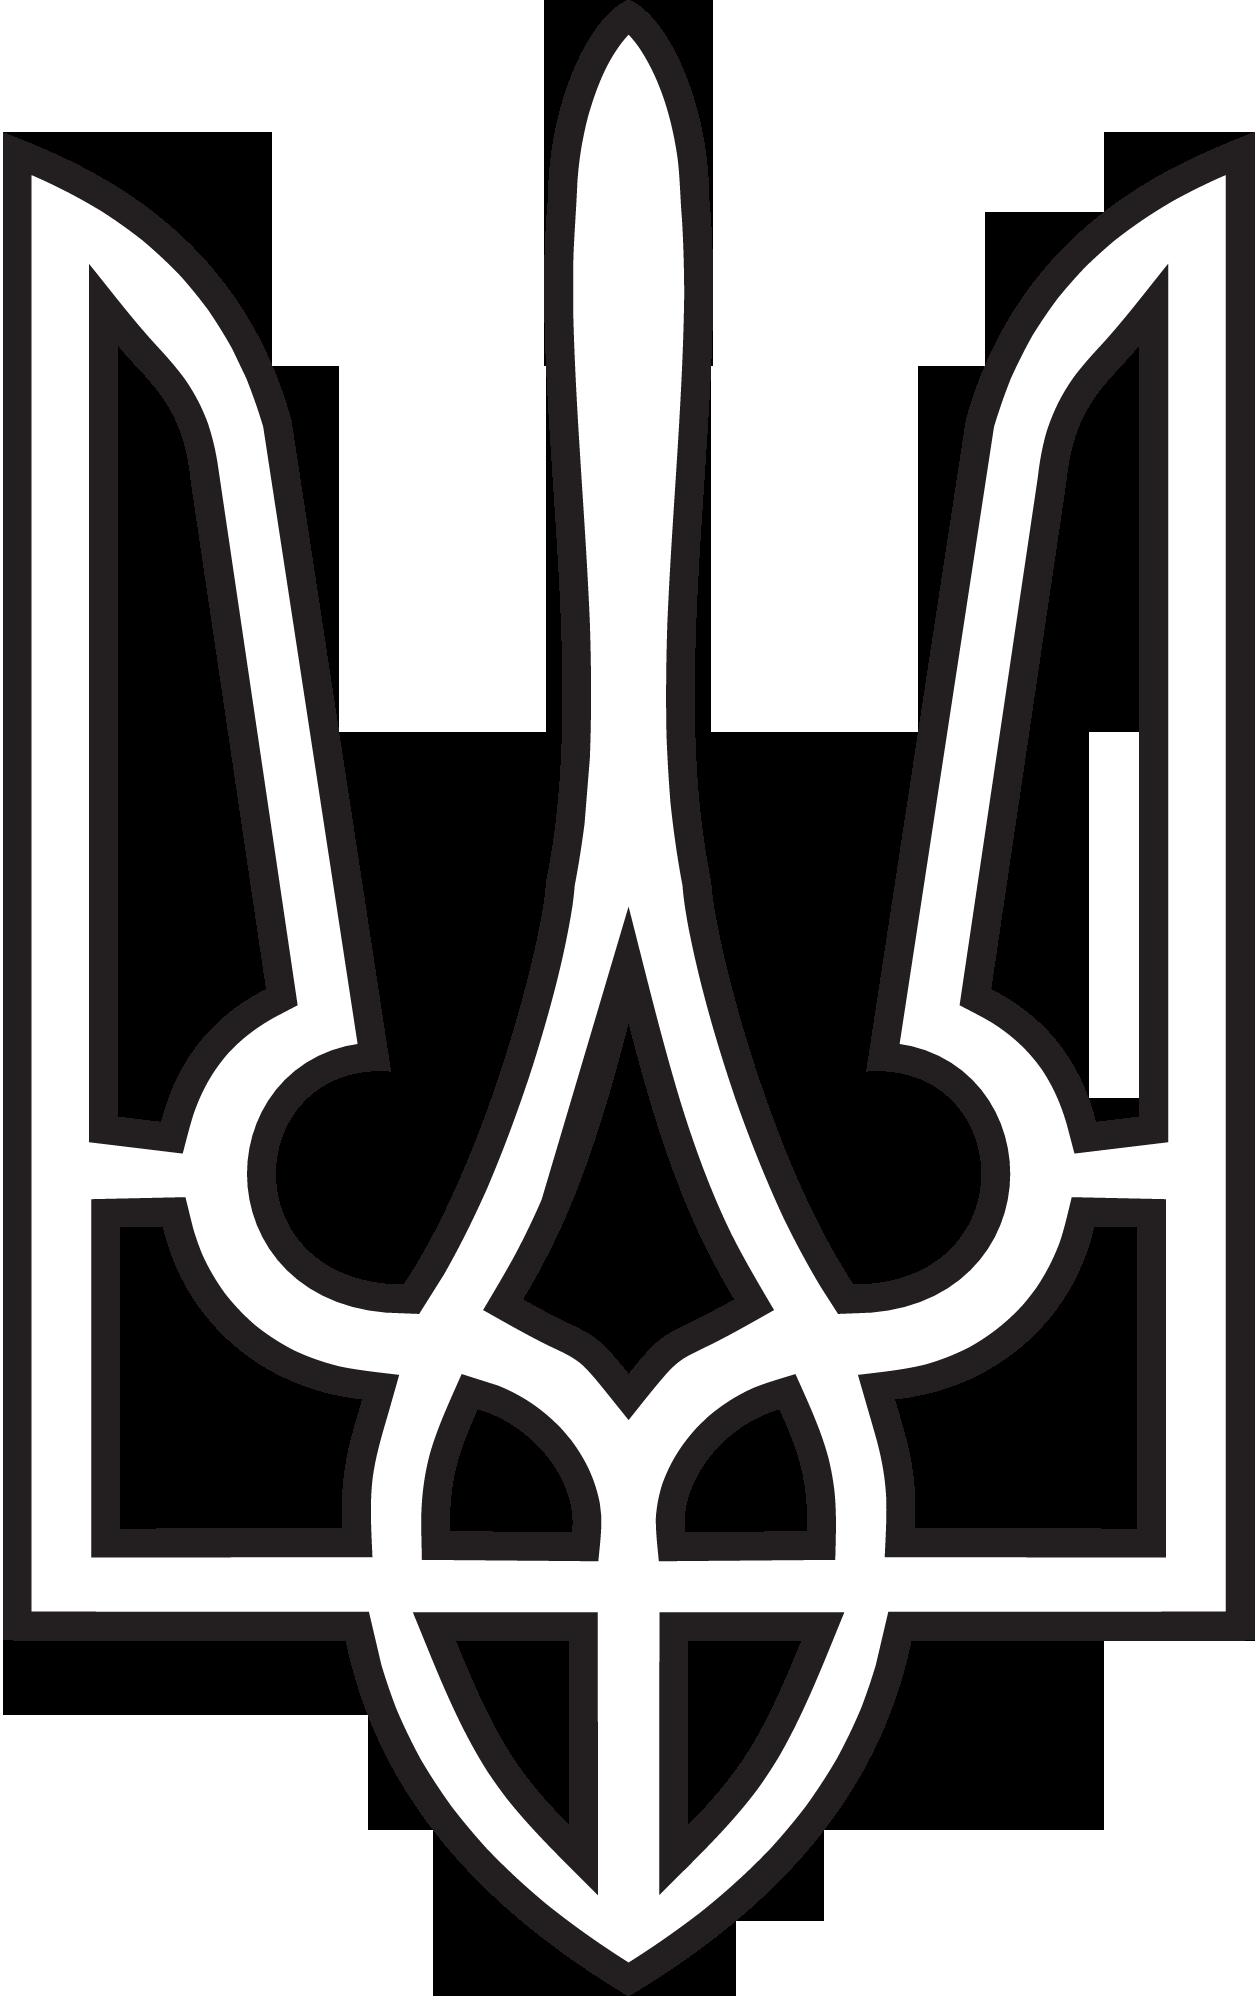 Герб Украины в формате png